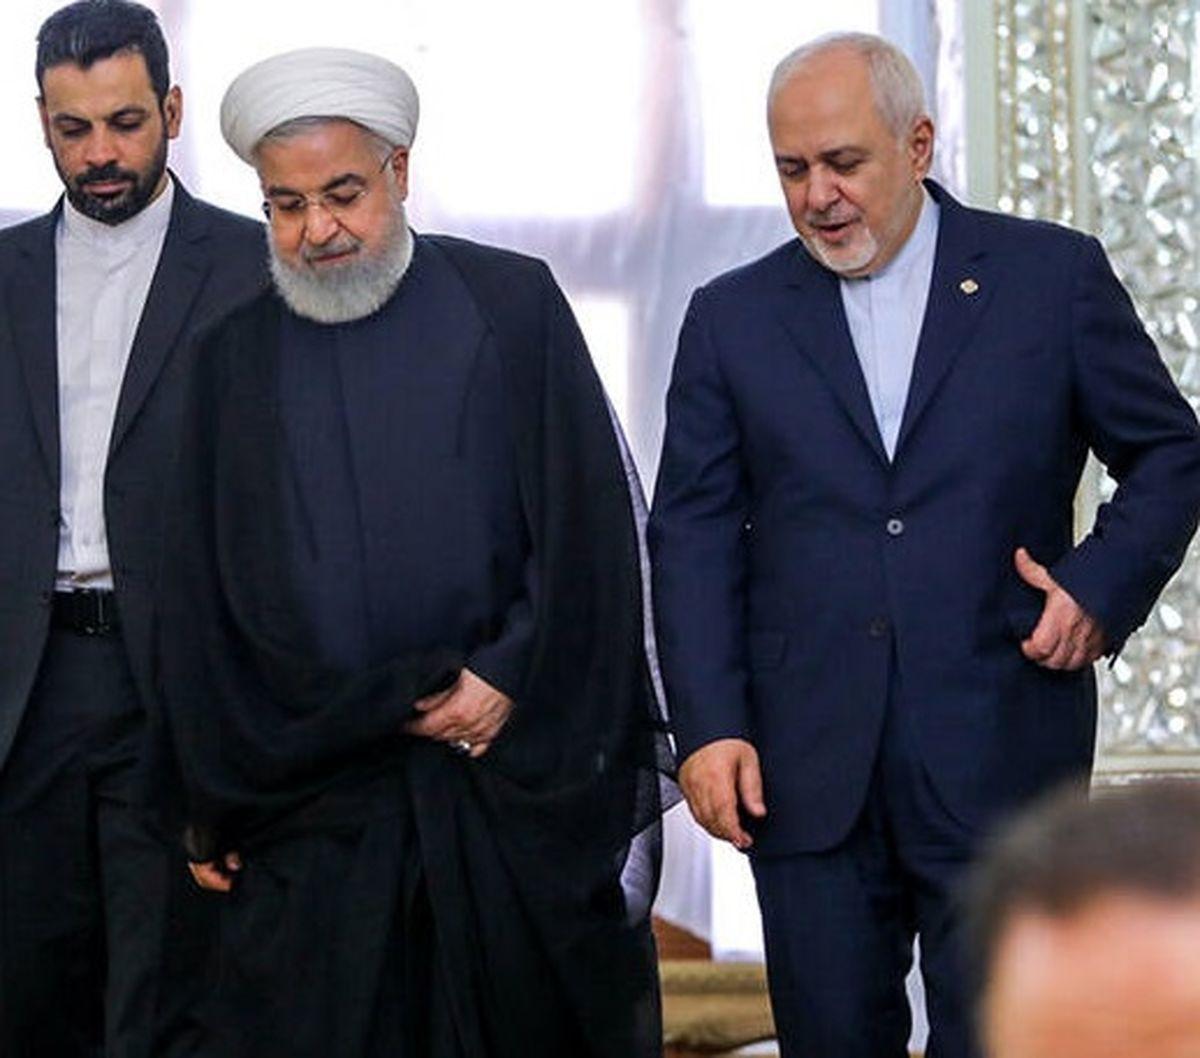 روایت «پراجکت سیندیکیت» از نتیجه احتمالی انتخابات ایران